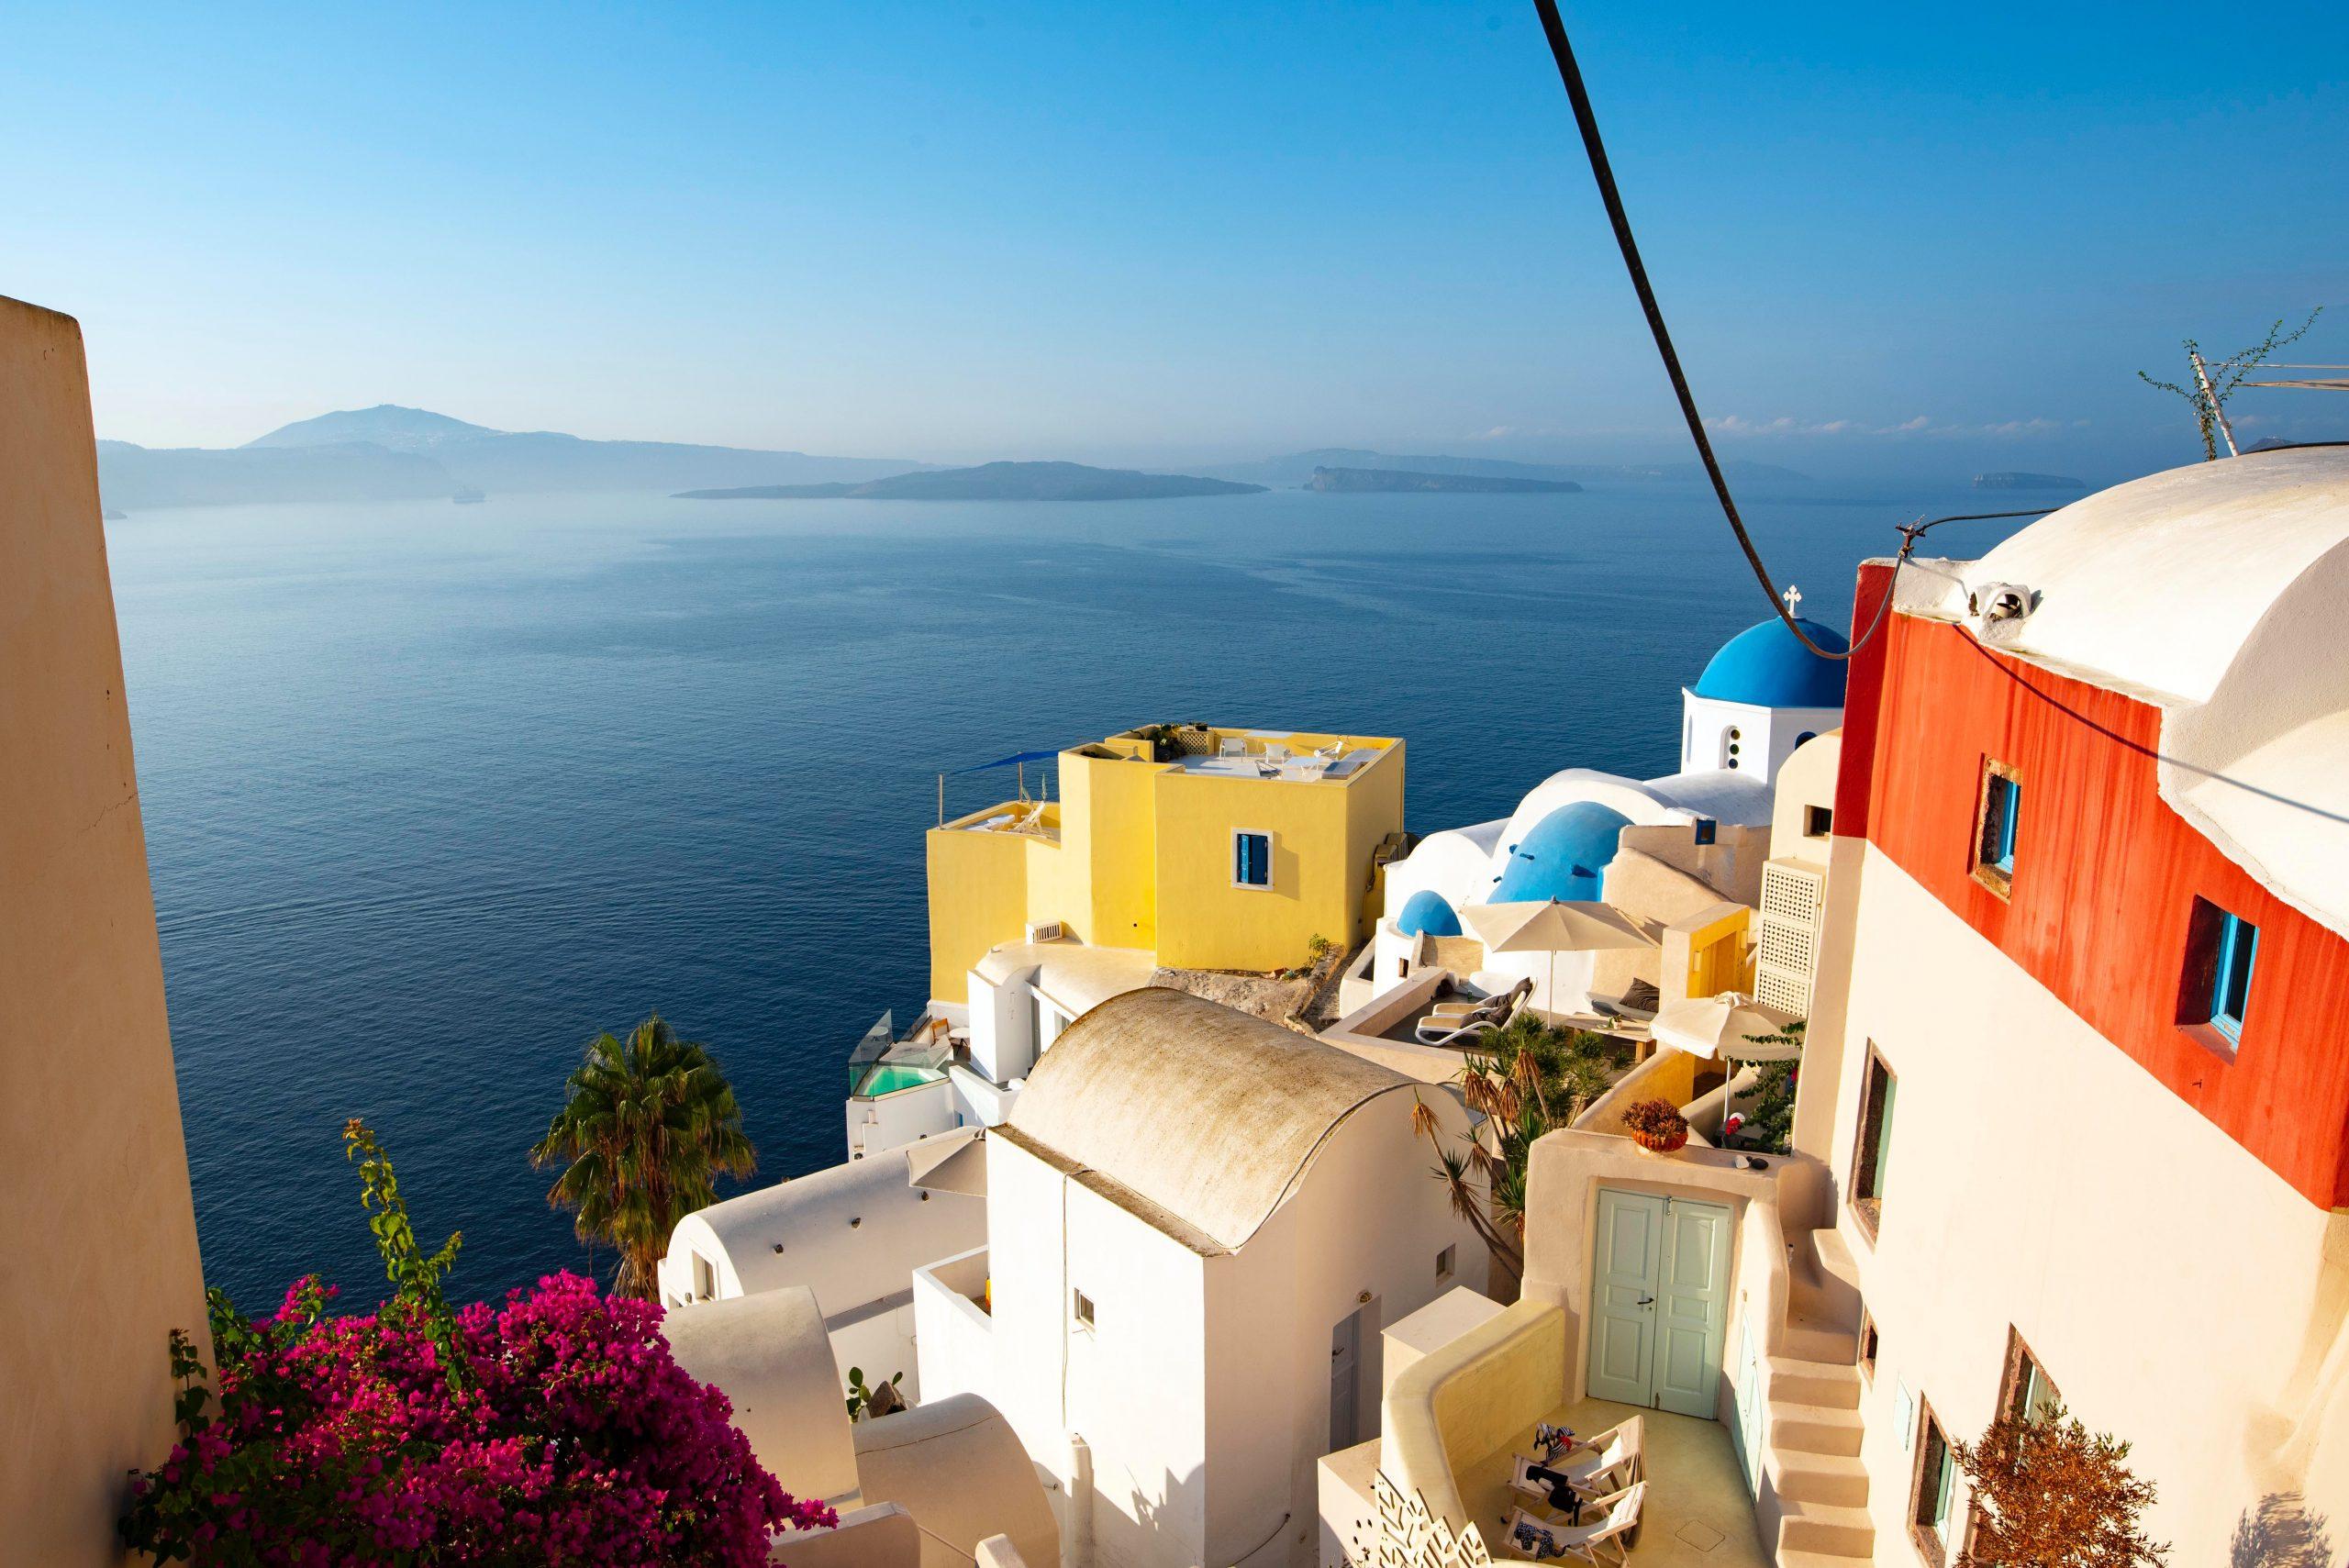 Η Telegraph «ψηφίζει Ελλάδα» ως τον πρώτο προορισμό μετά την κρίση του κορωνοϊού